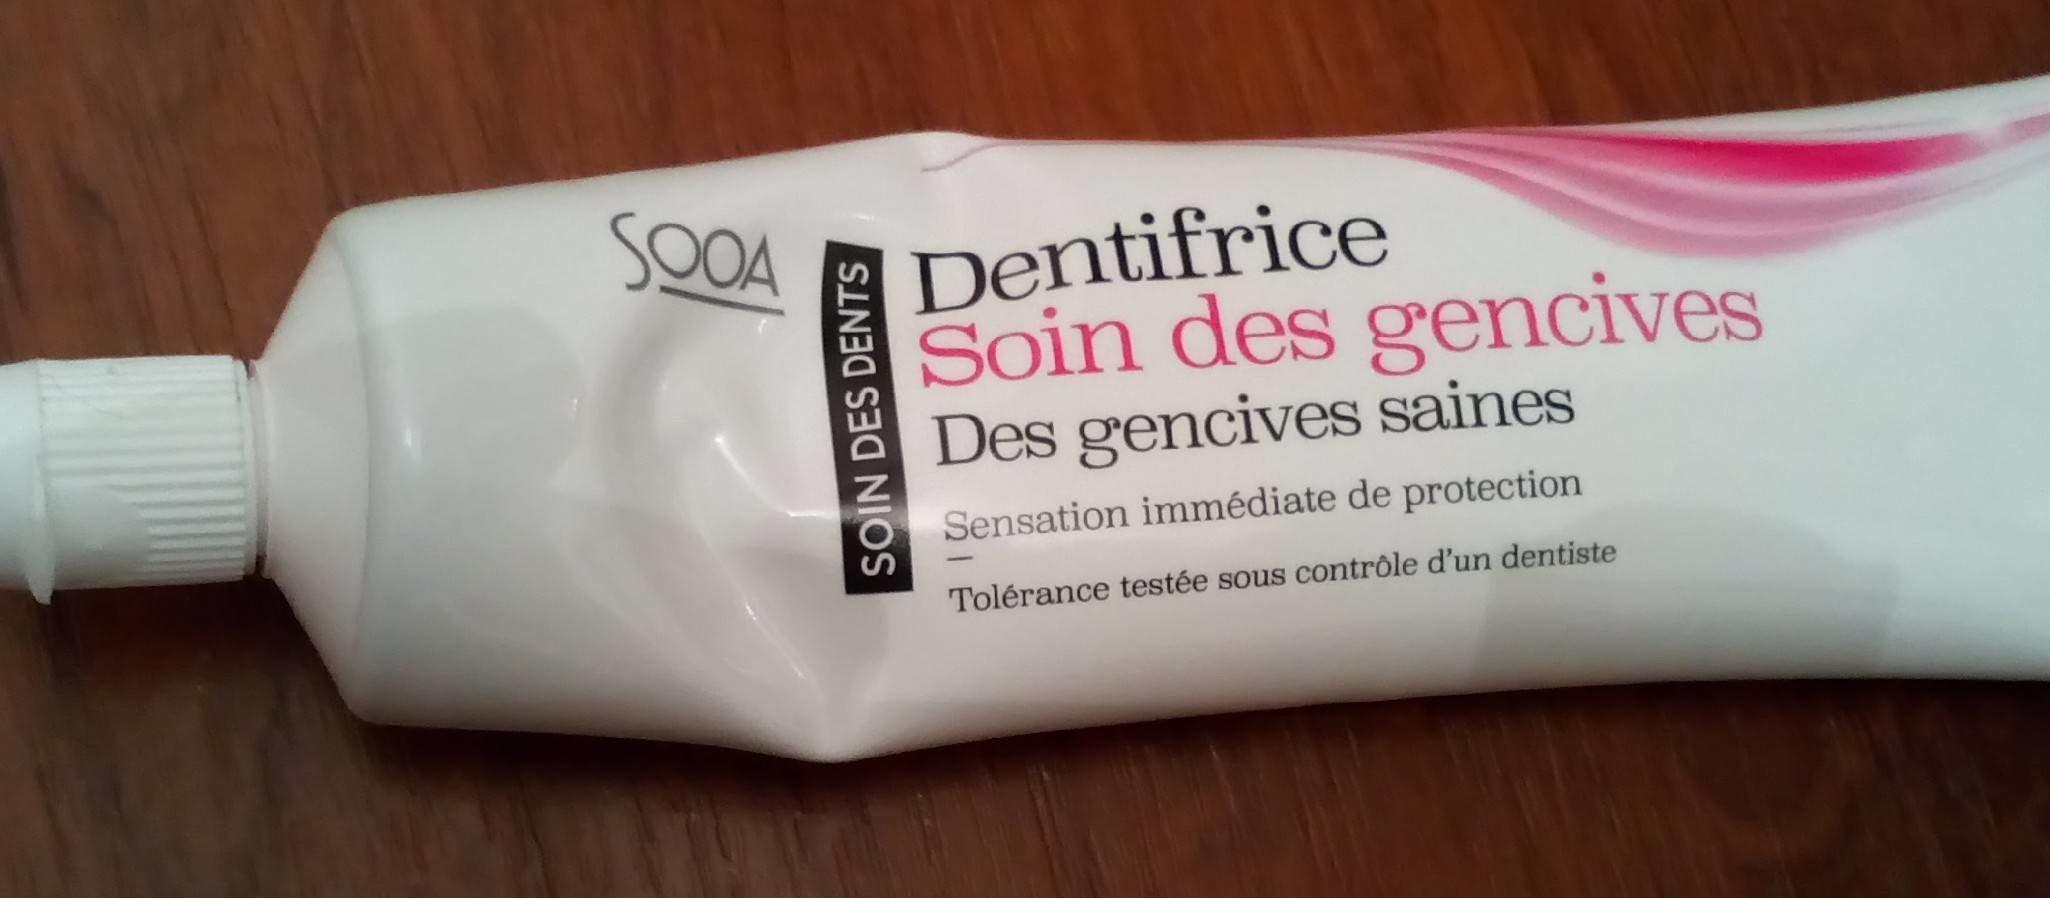 Dentifrice soin des gencives - Produit - fr